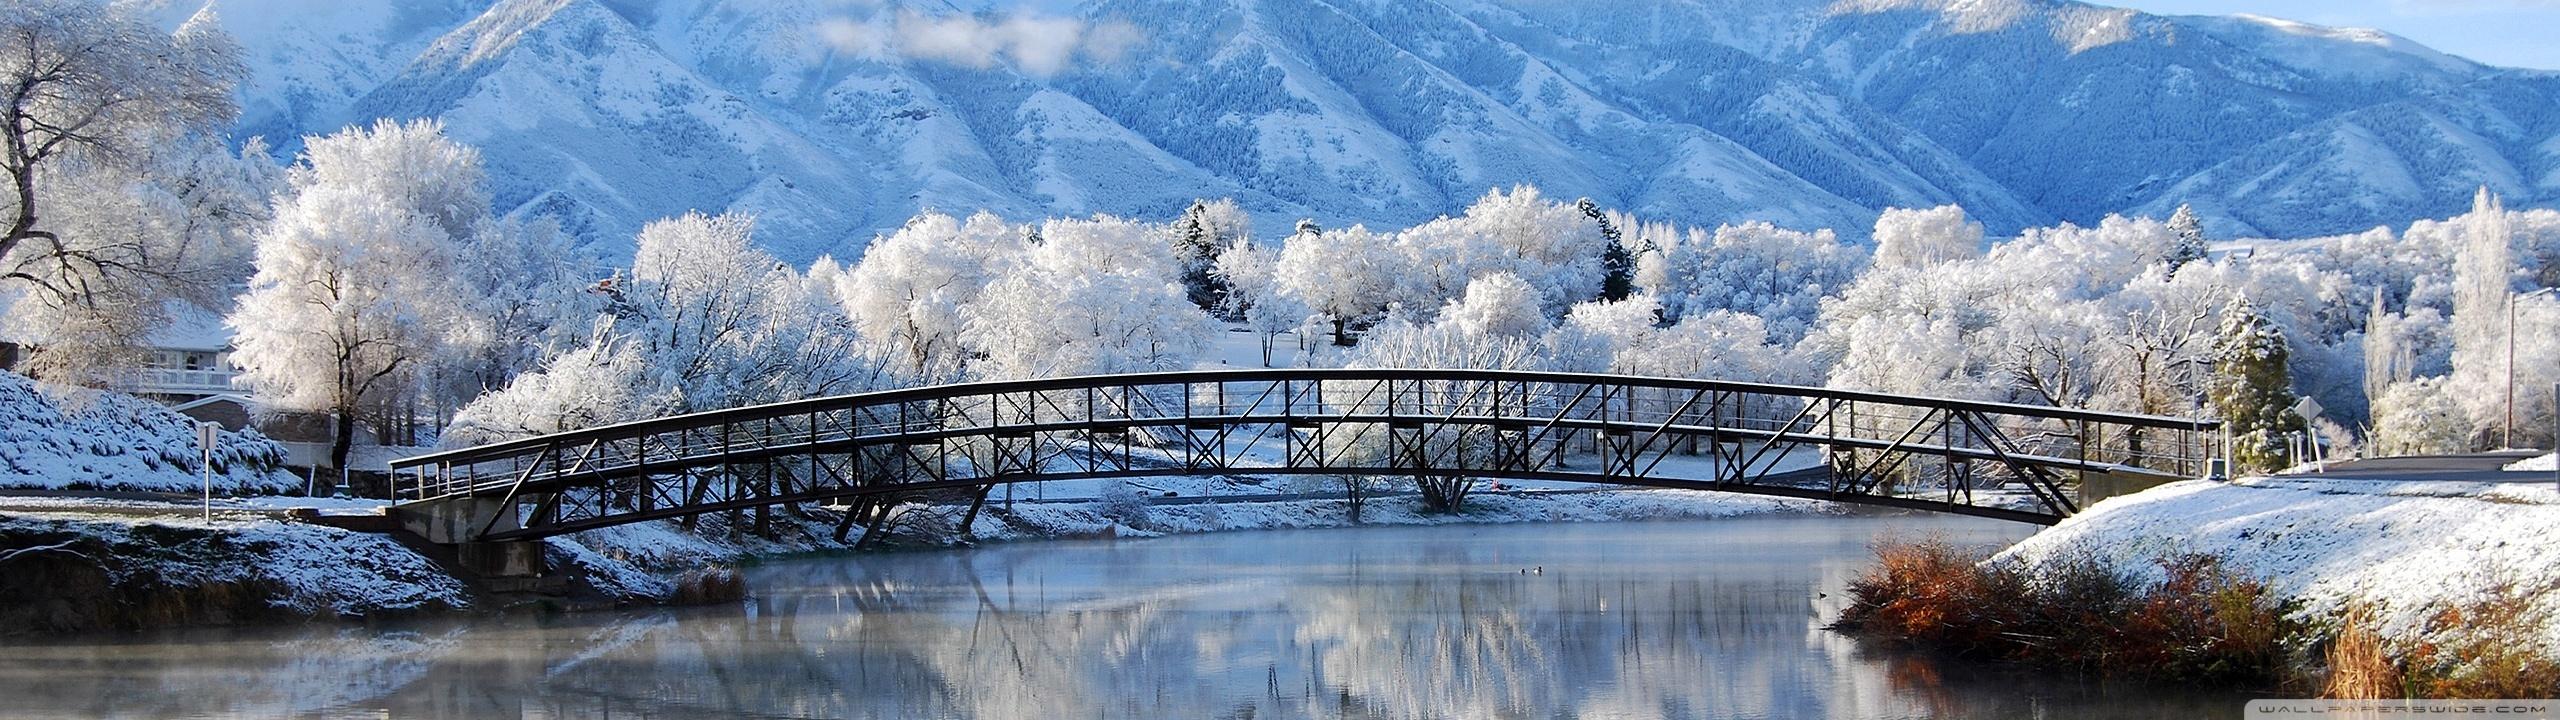 Beautiful Winter Scene 4K HD Desktop Wallpaper for 4K Ultra HD 2560x720